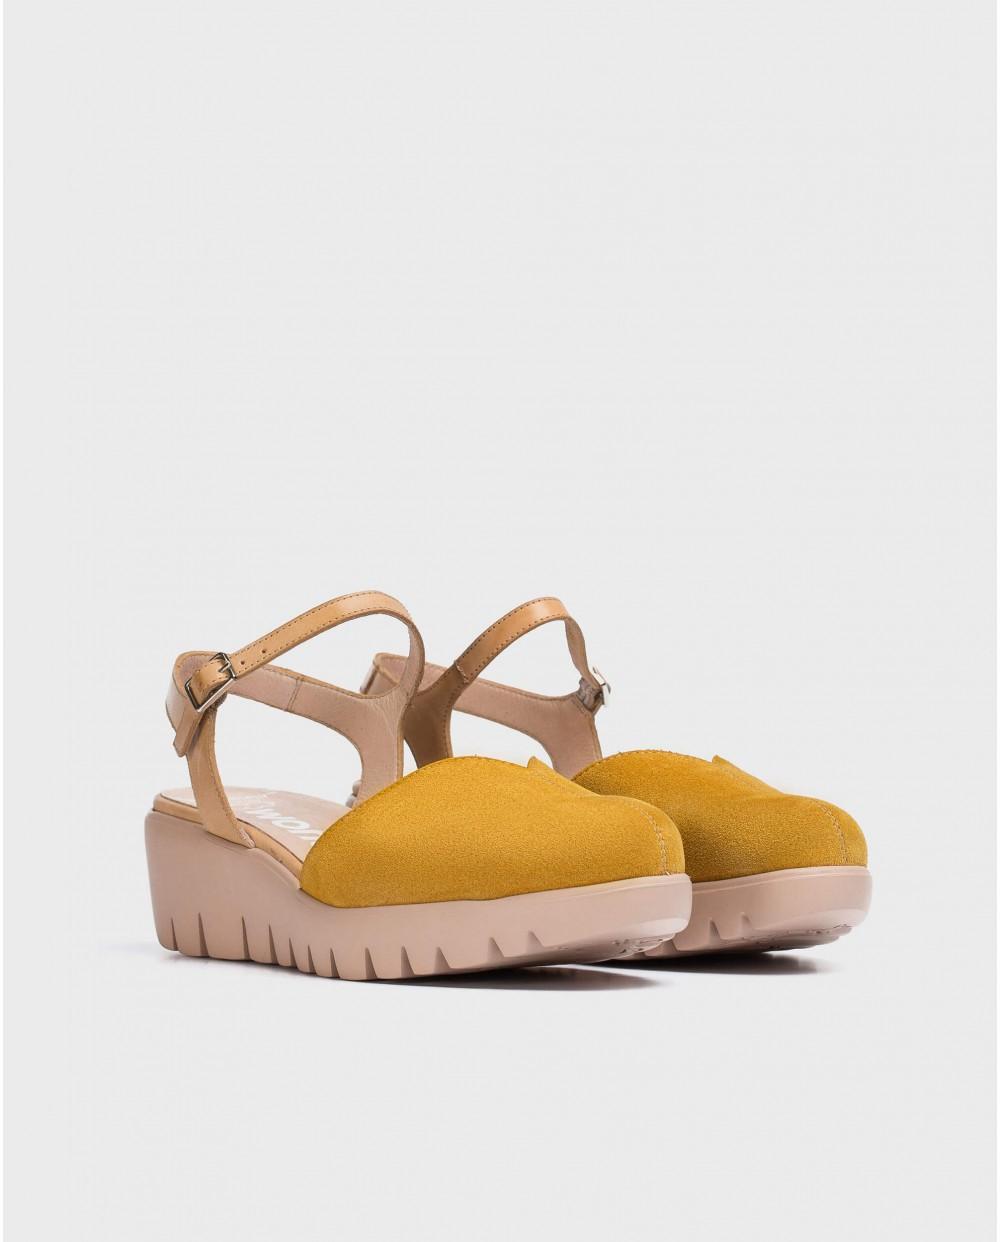 Wonders-Wedges-Wedge V sandal